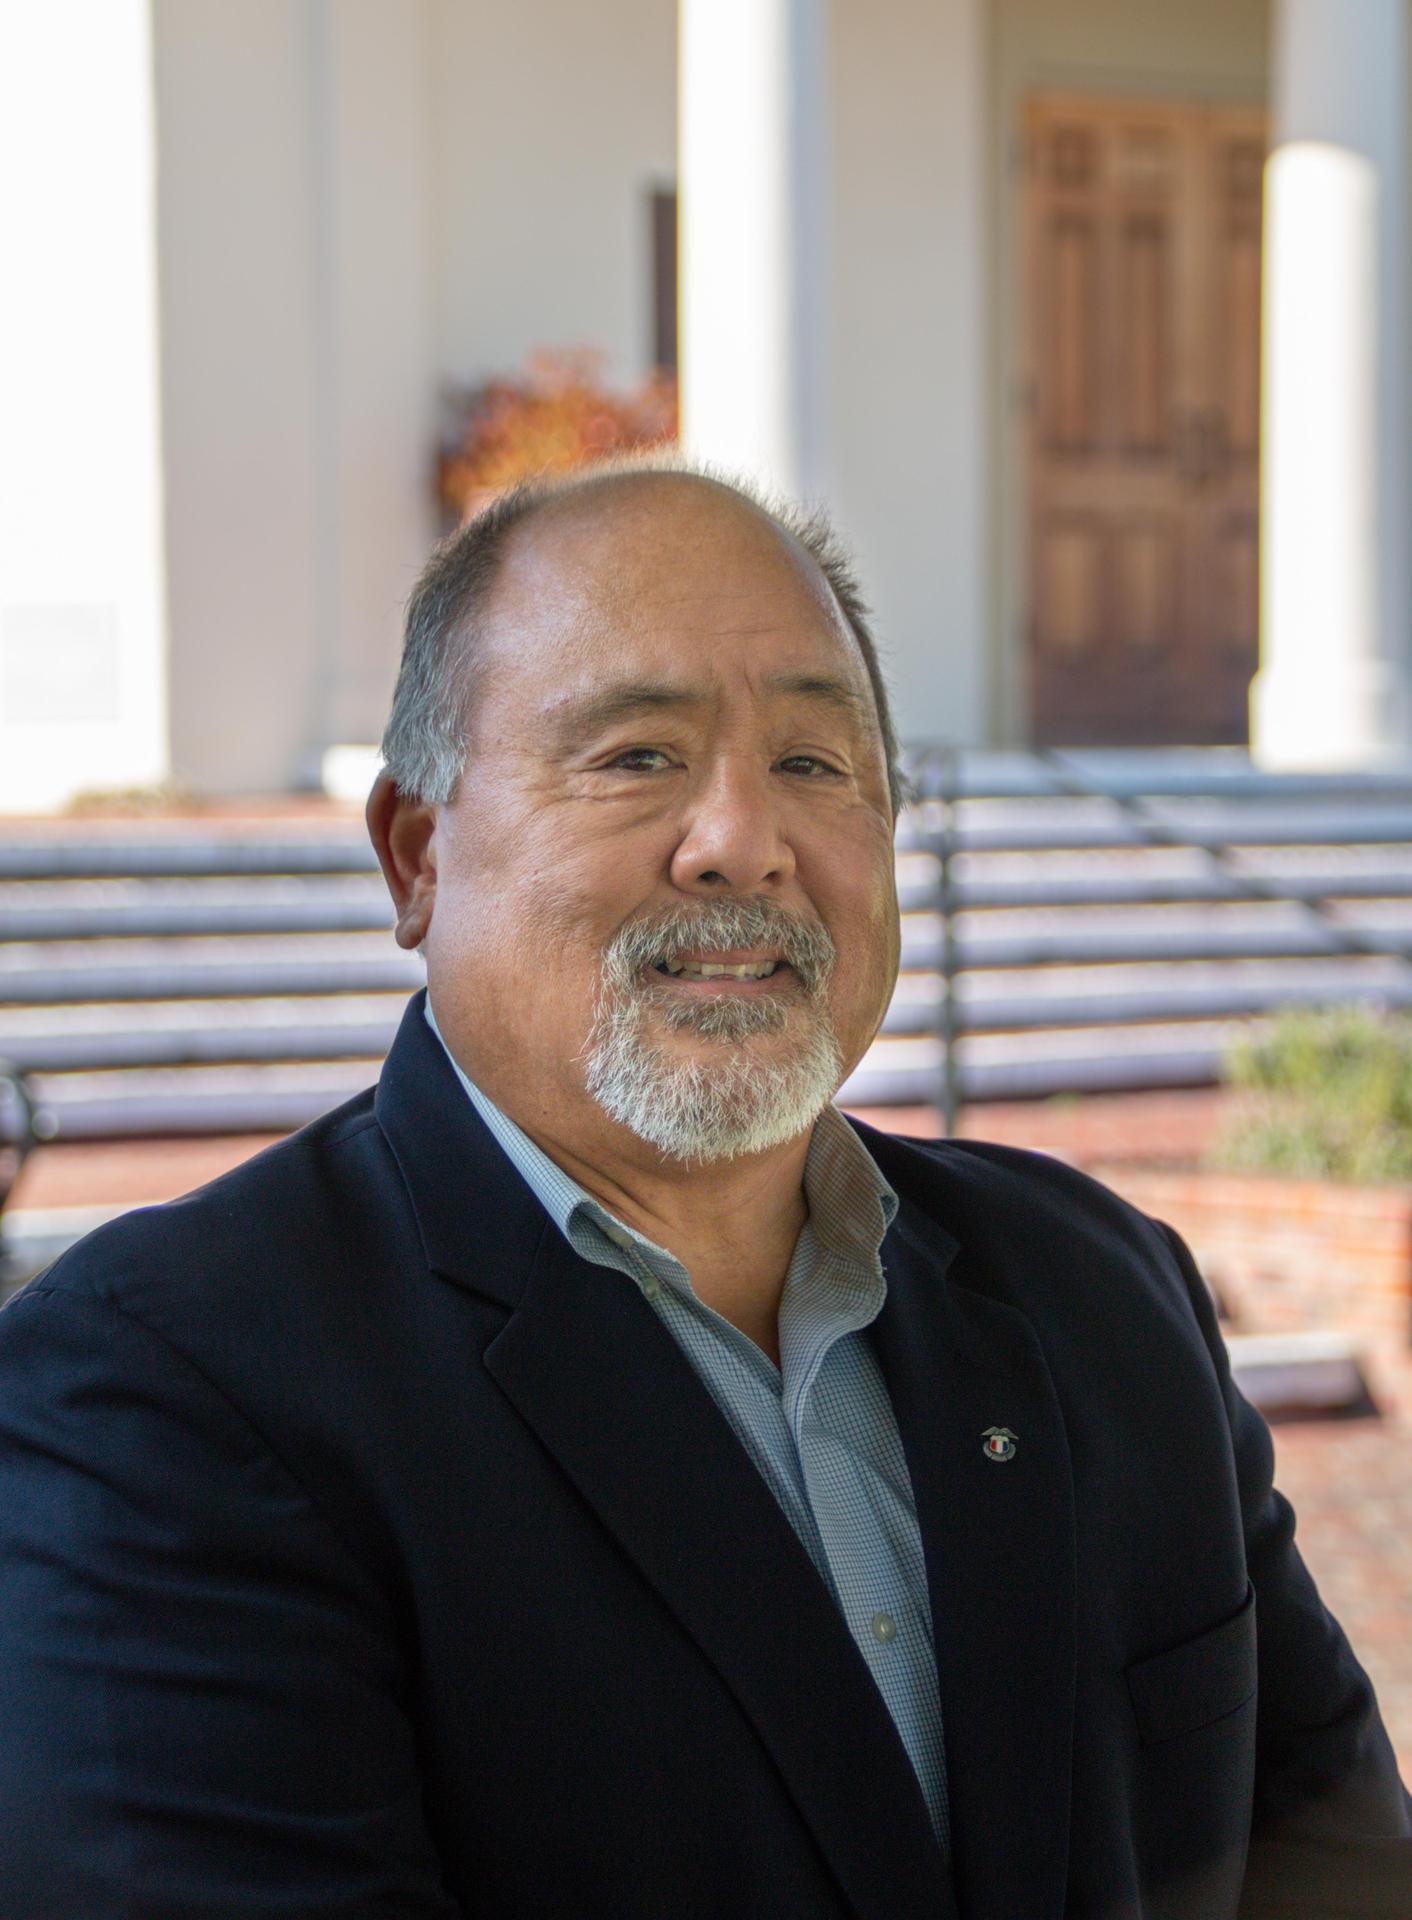 Board Member Jeff Uchida